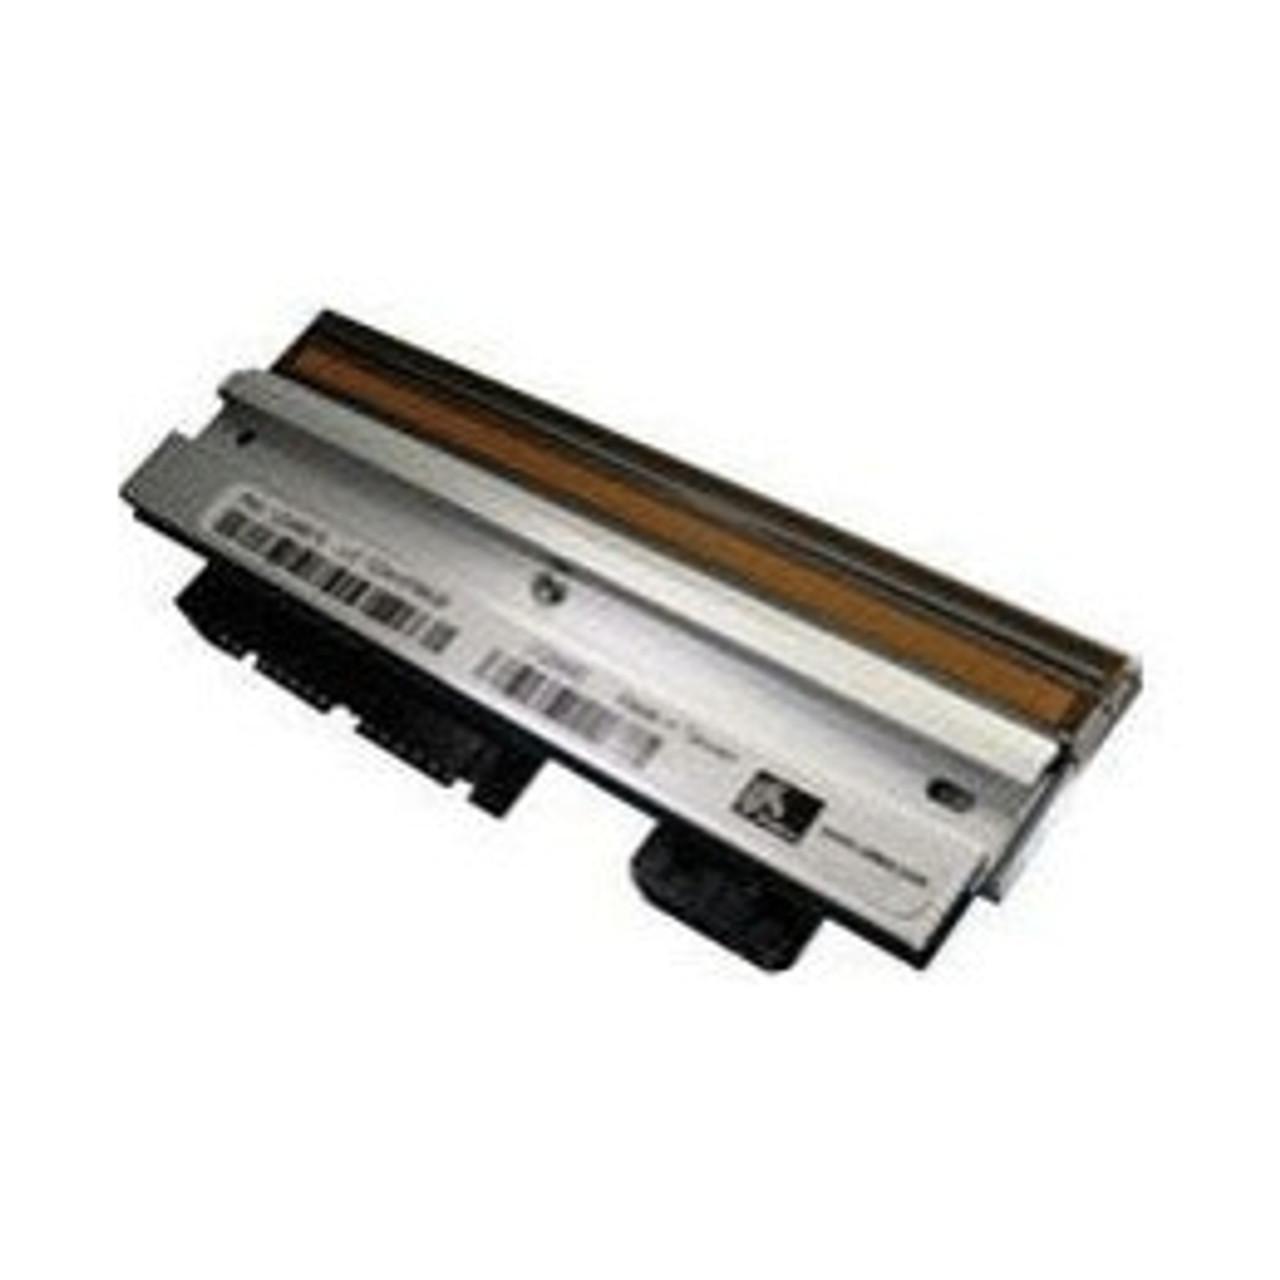 P430i Printhead & Parts